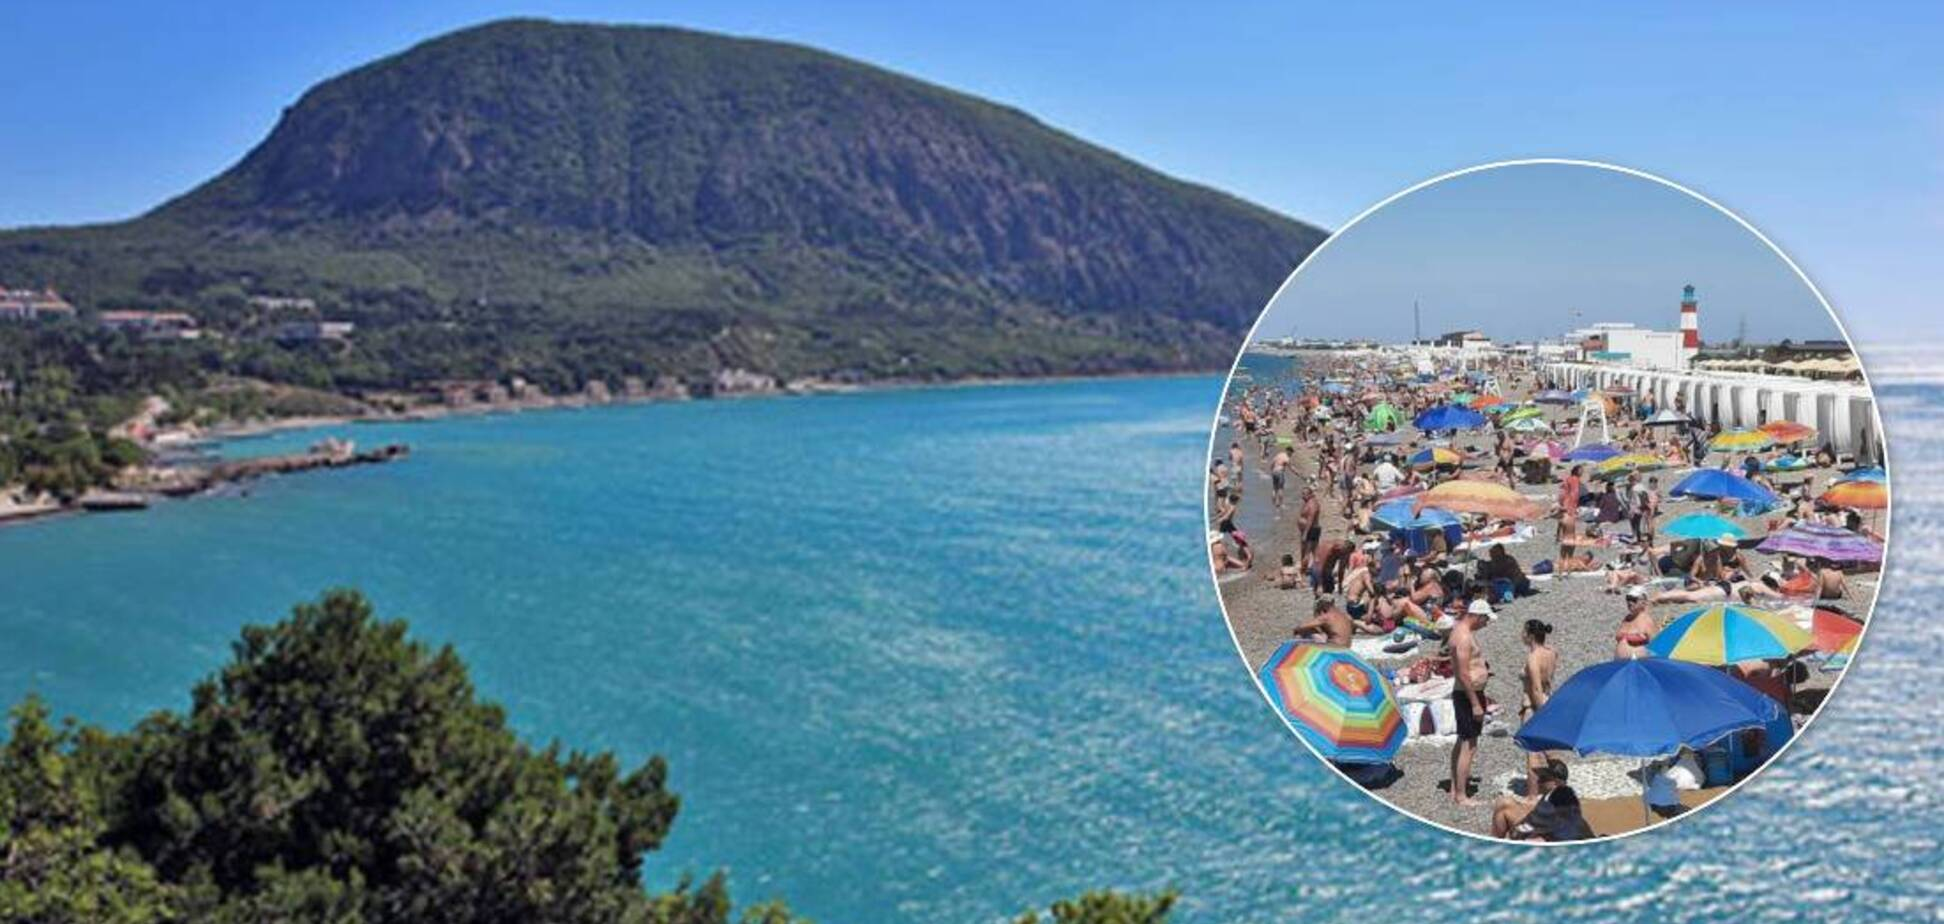 Жадібні таксисти, високі ціни і нечистоти в морі: як проходить курортний сезон у Криму